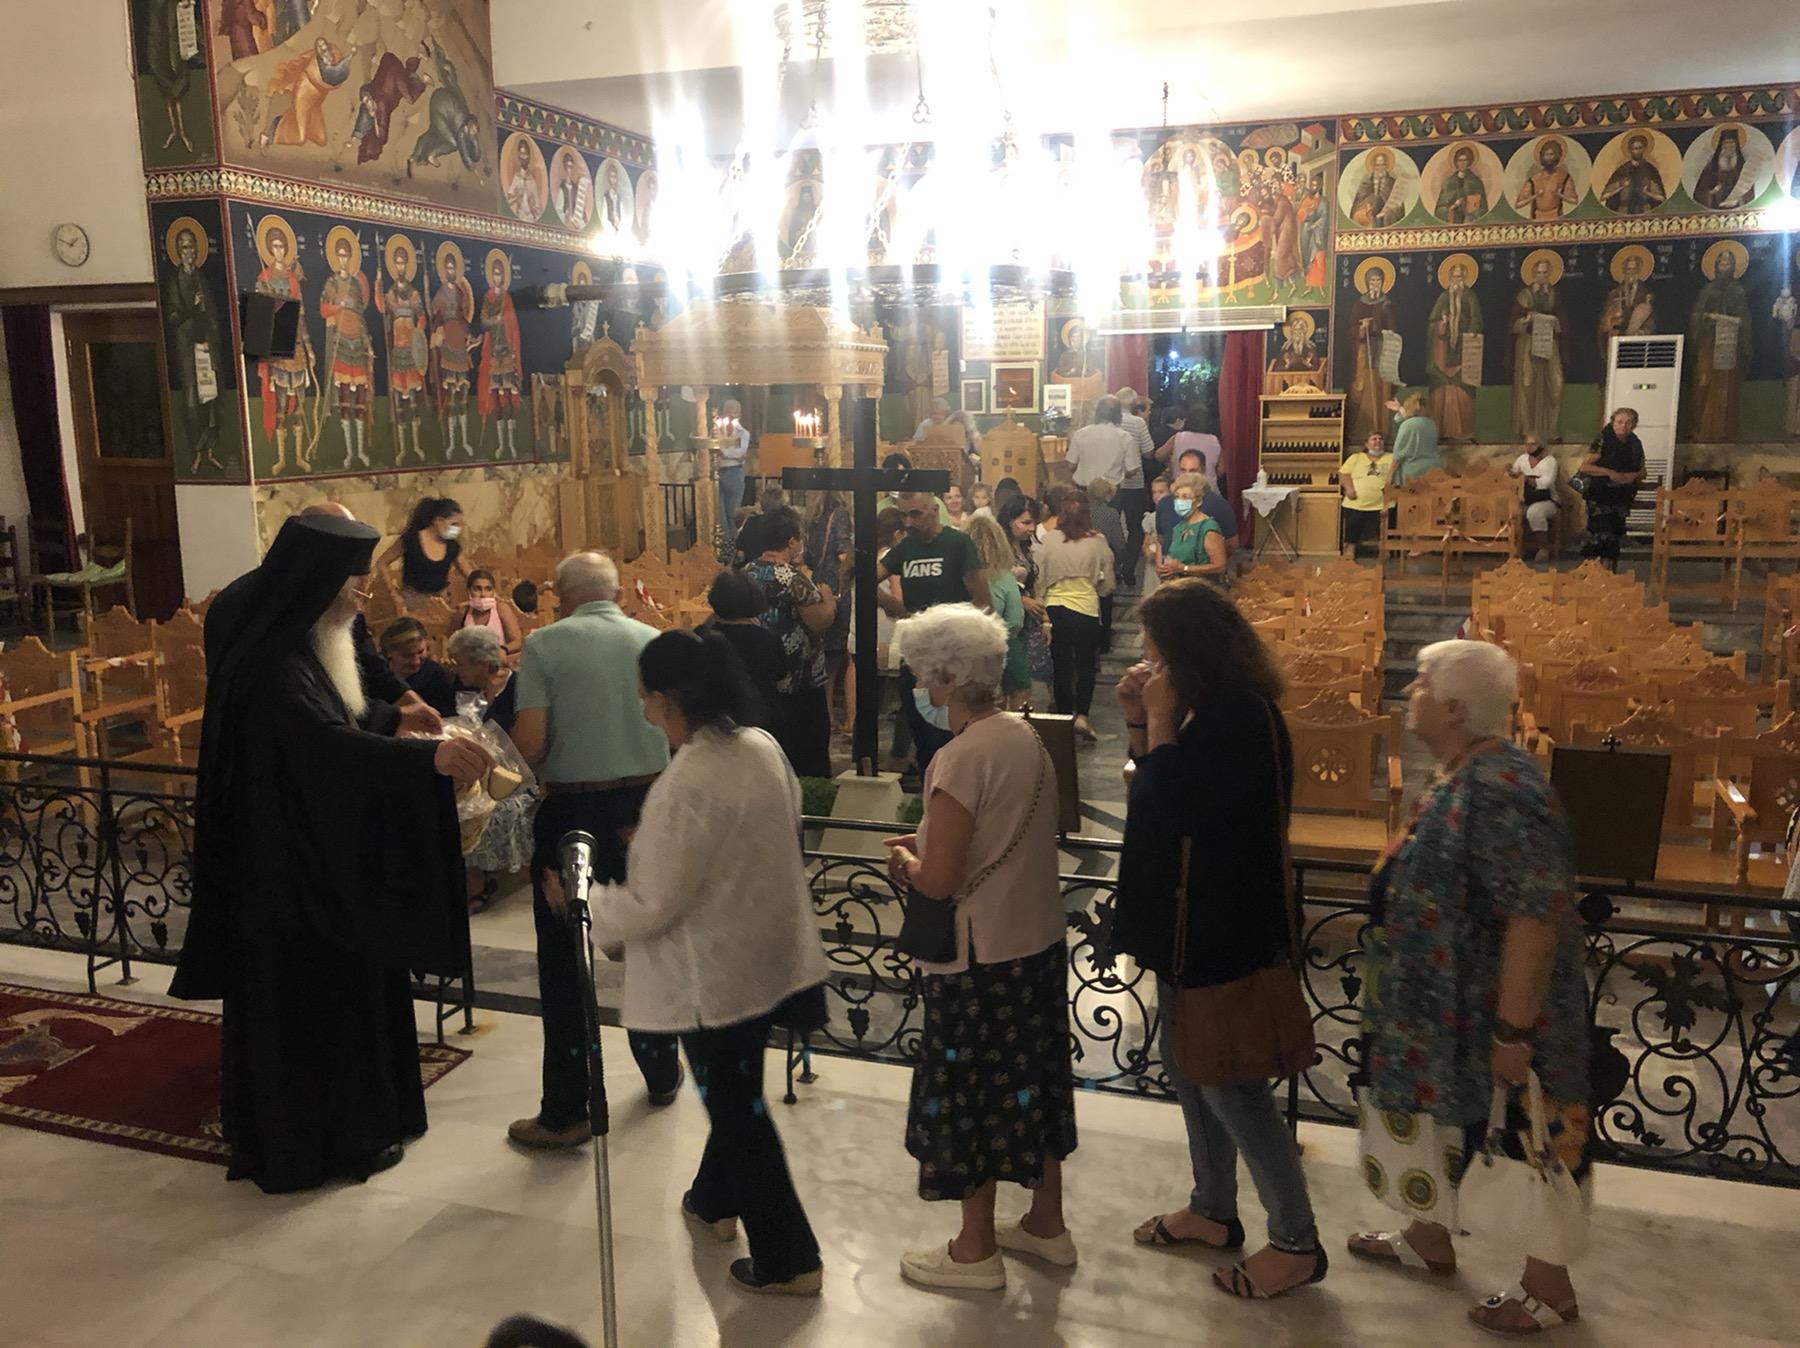 Εορτή Αγίας Σοφίας στα Άσπρα Σπίτια Βοιωτίας(ΦΩΤΟ)